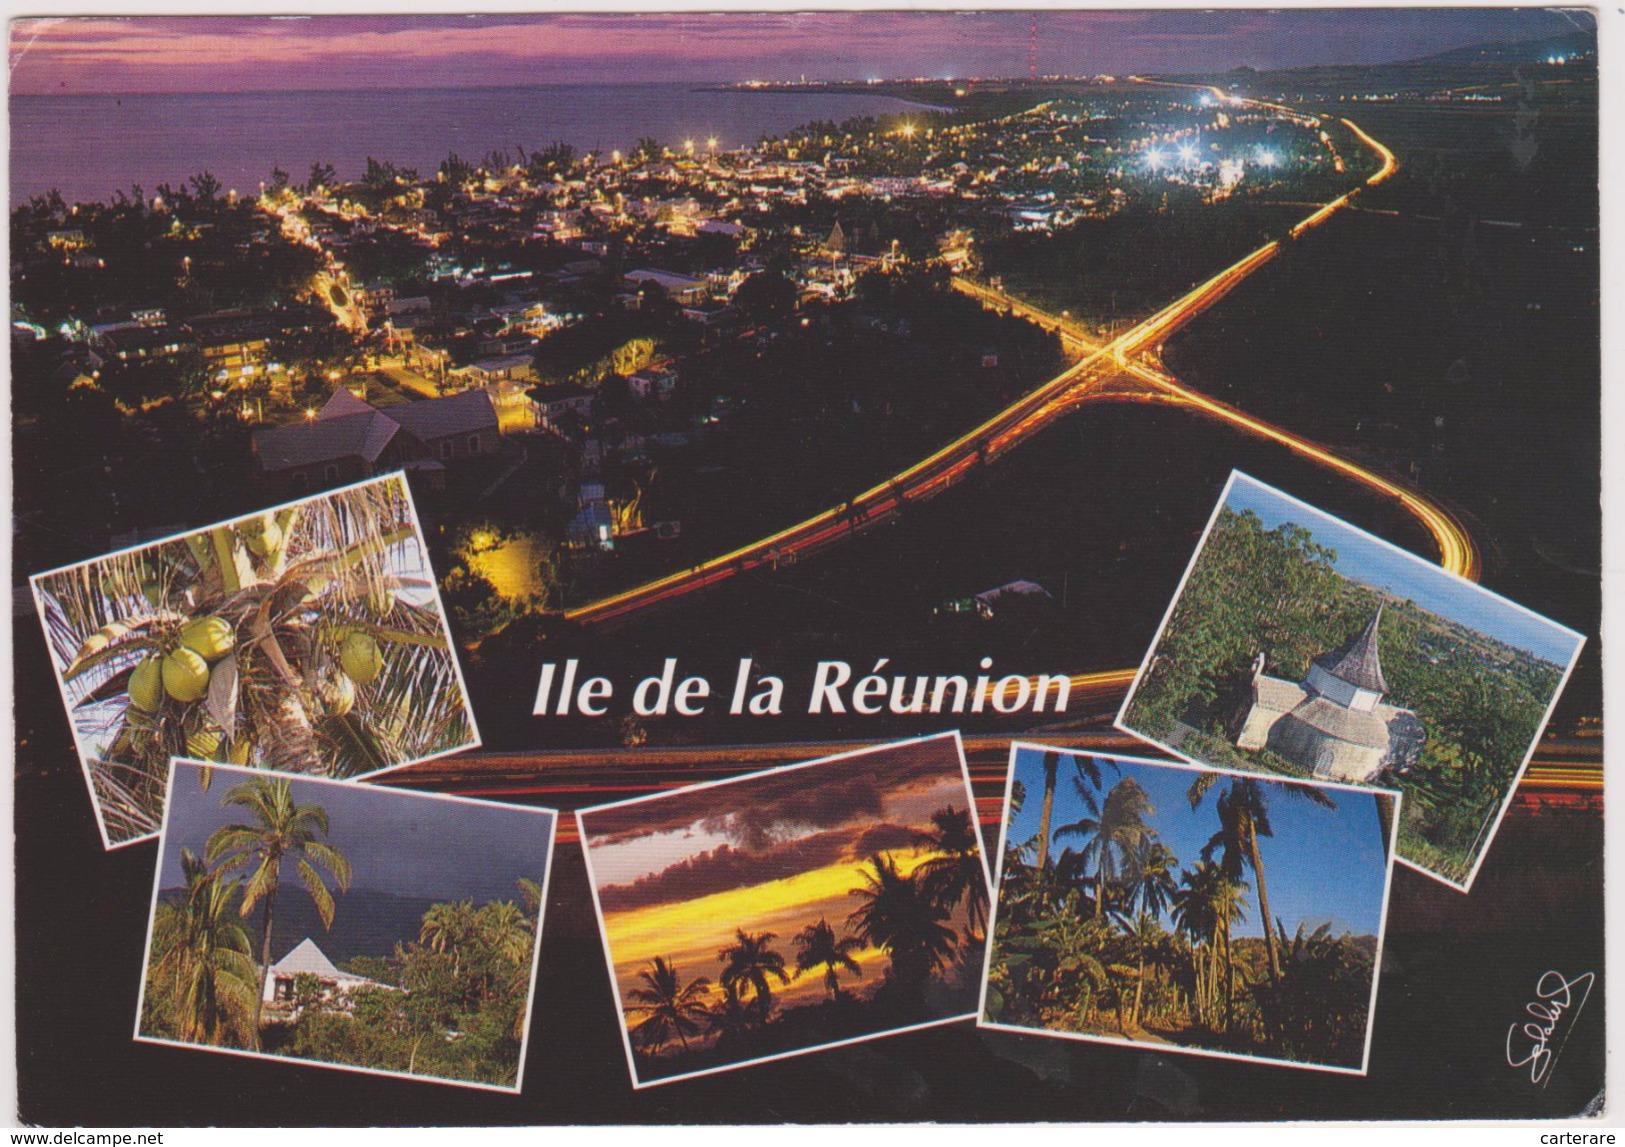 Ile De La Réunion,ile Française,outre Mer,archipel Mascareignes,océan Indien,SAINT PAUL - Autres